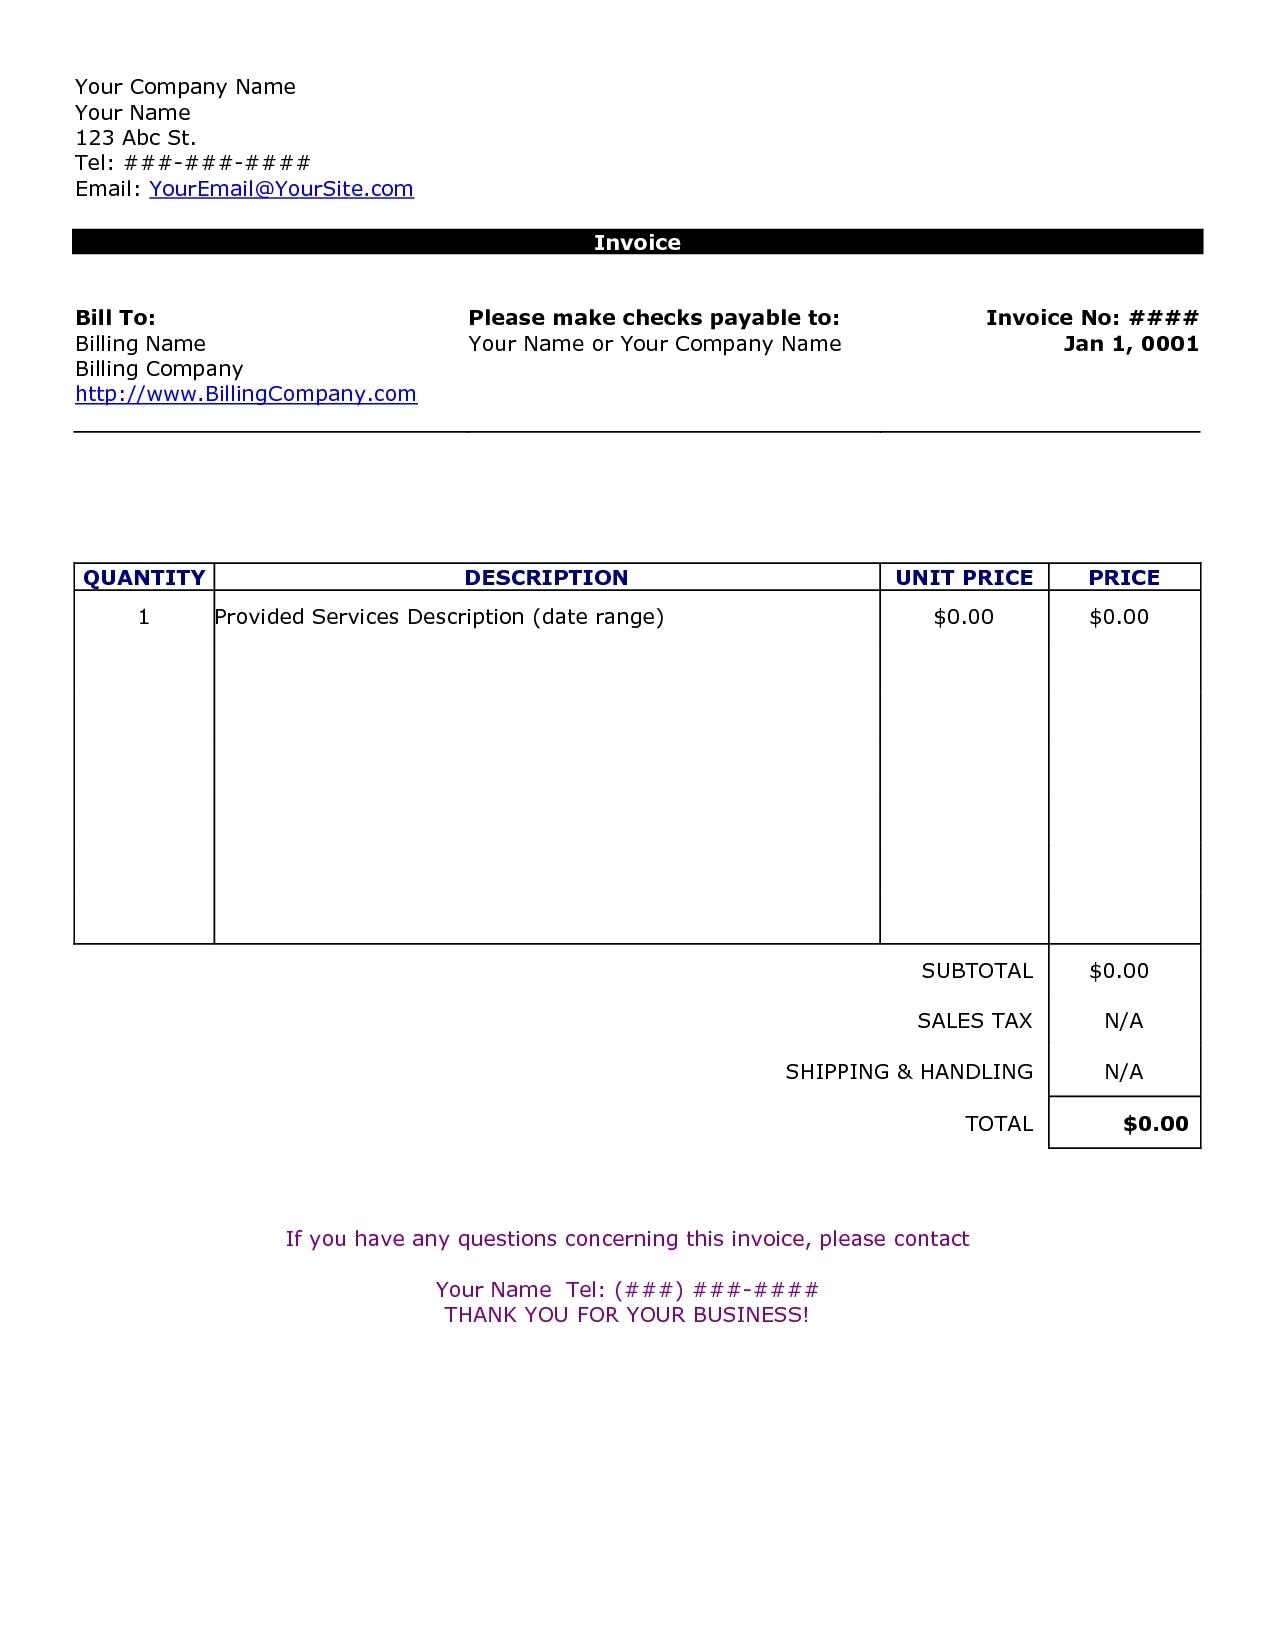 Word Doc Invoice